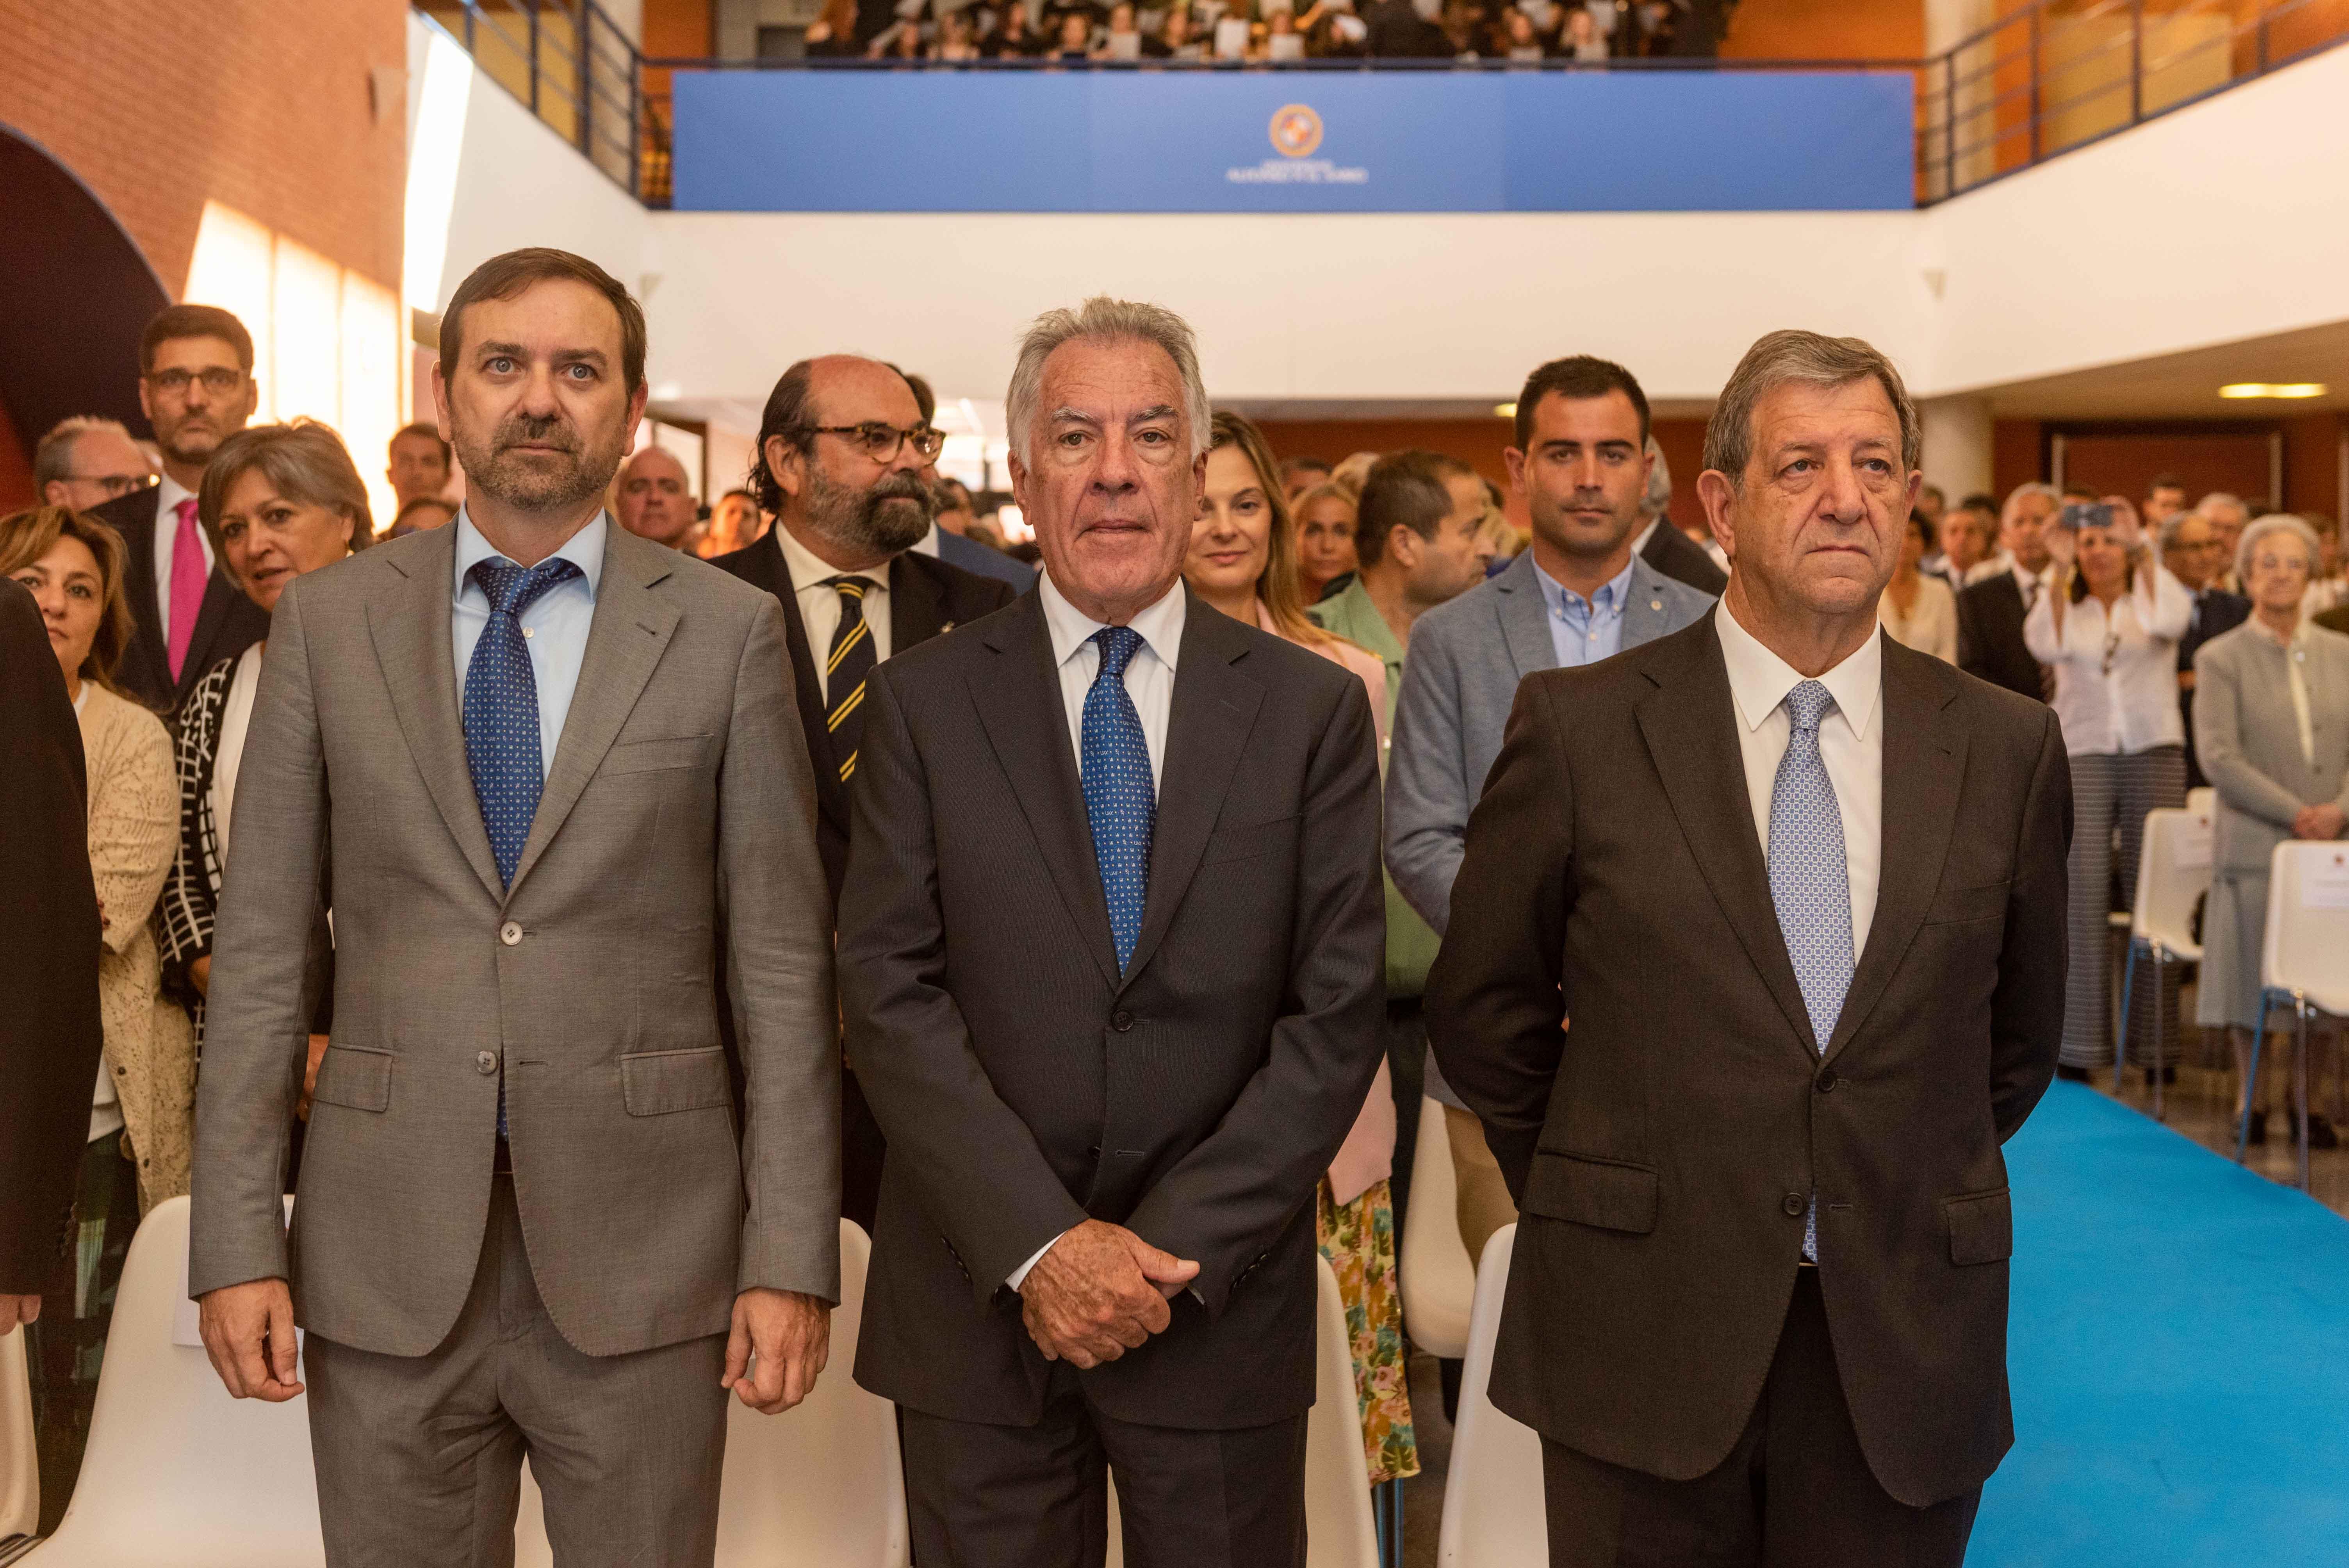 El alcalde, junto a otros concejales y autoridades